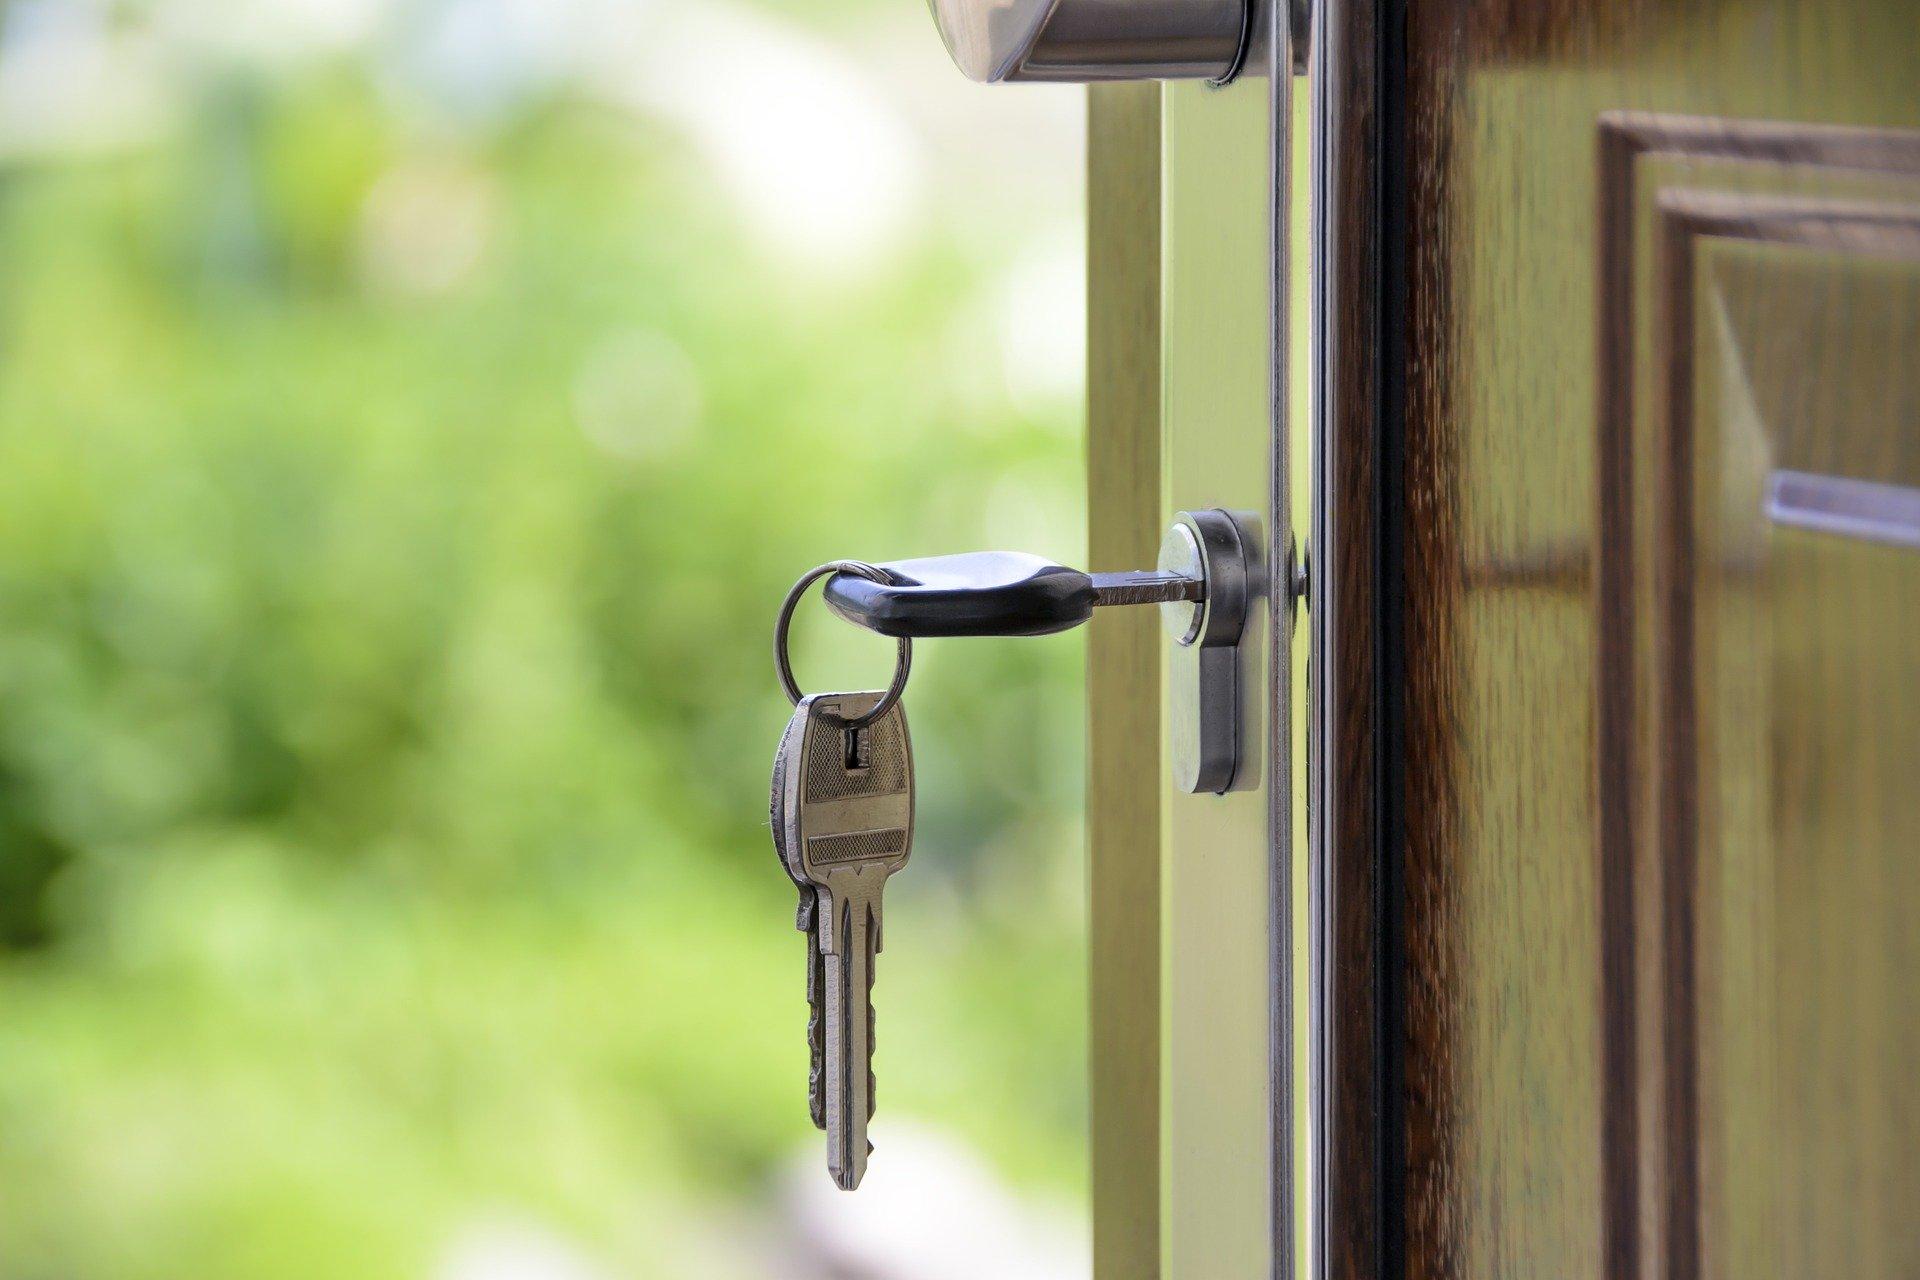 Wohnungseingangstüre mit Schlüssel